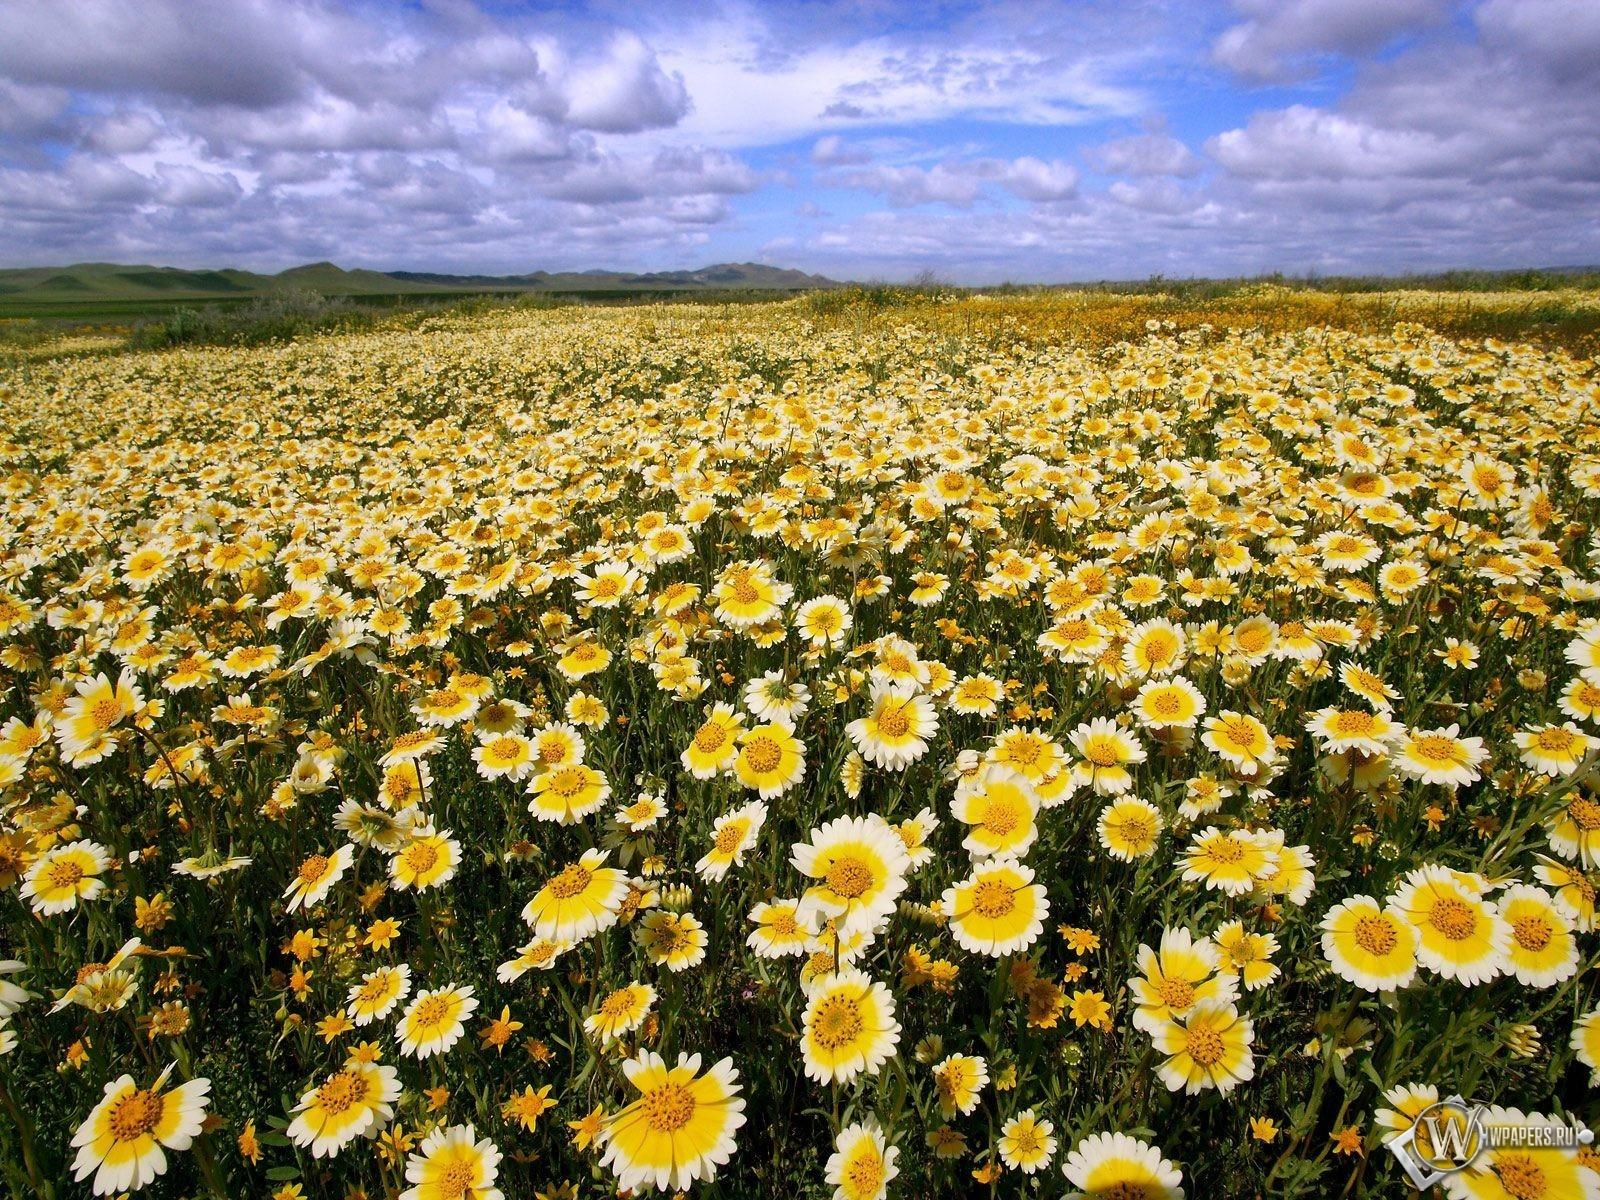 Ромашковое поле в Калифорнии 1600x1200